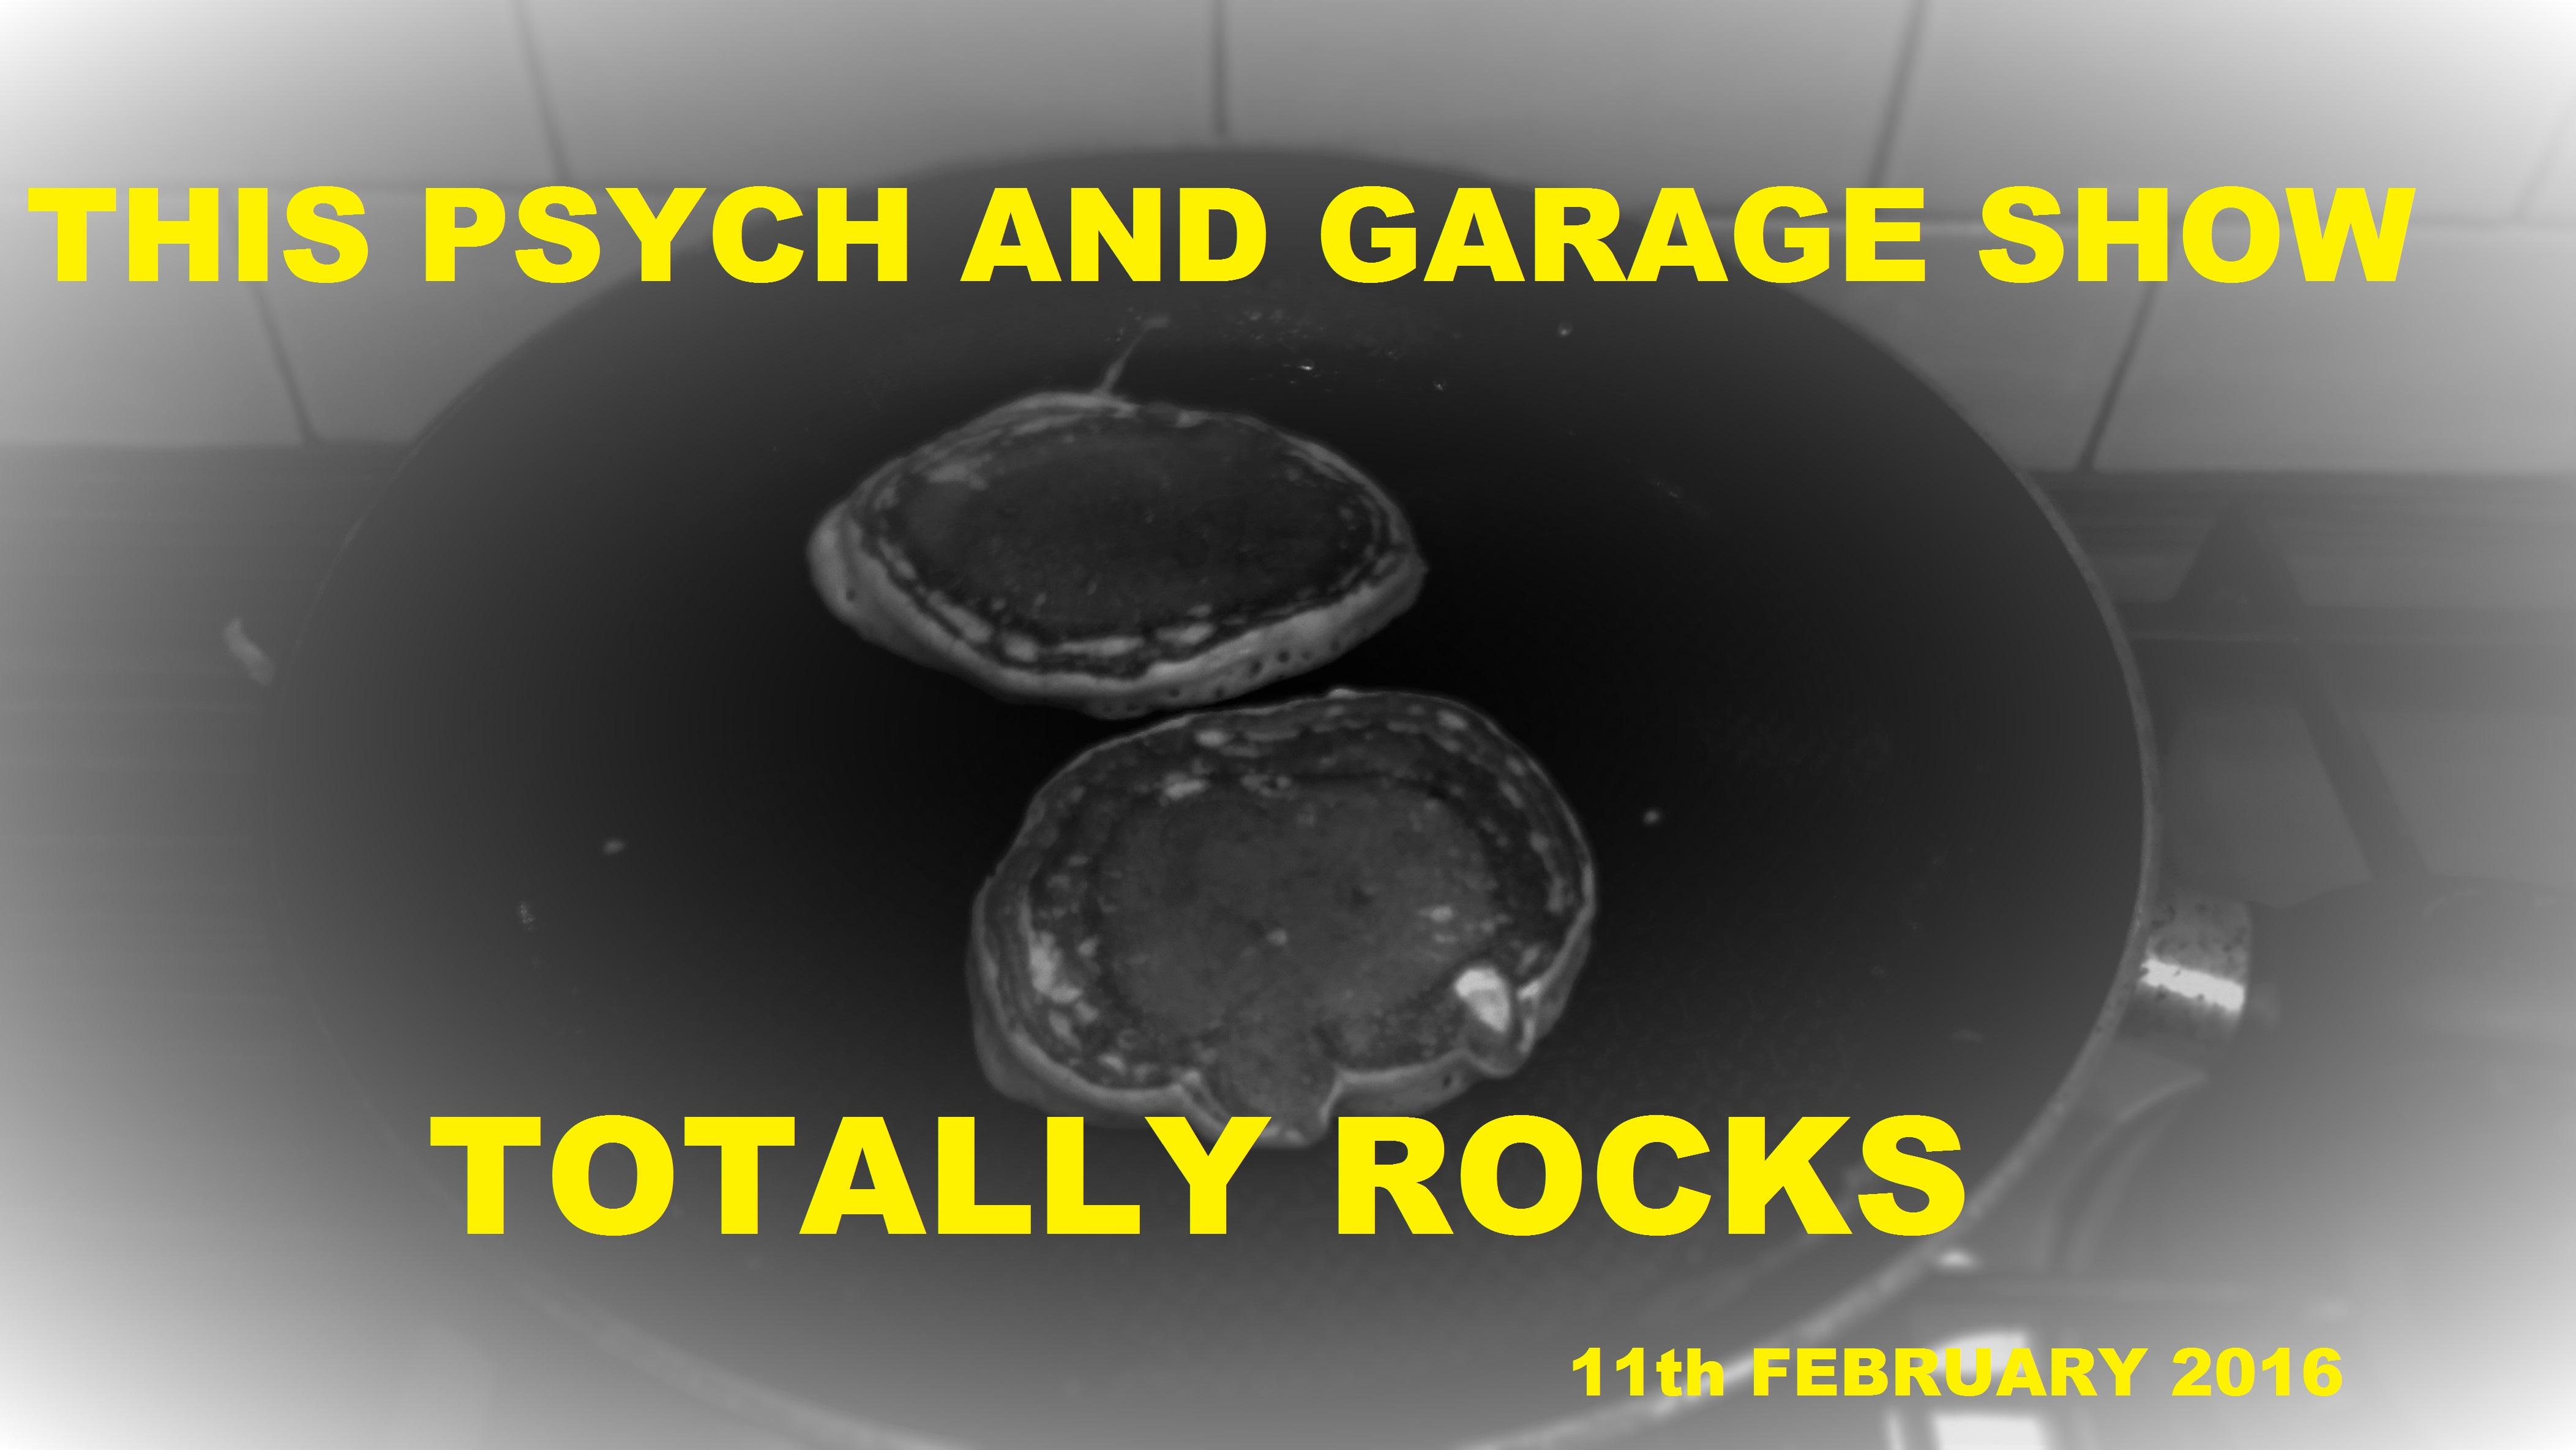 ROCKS PSYCH